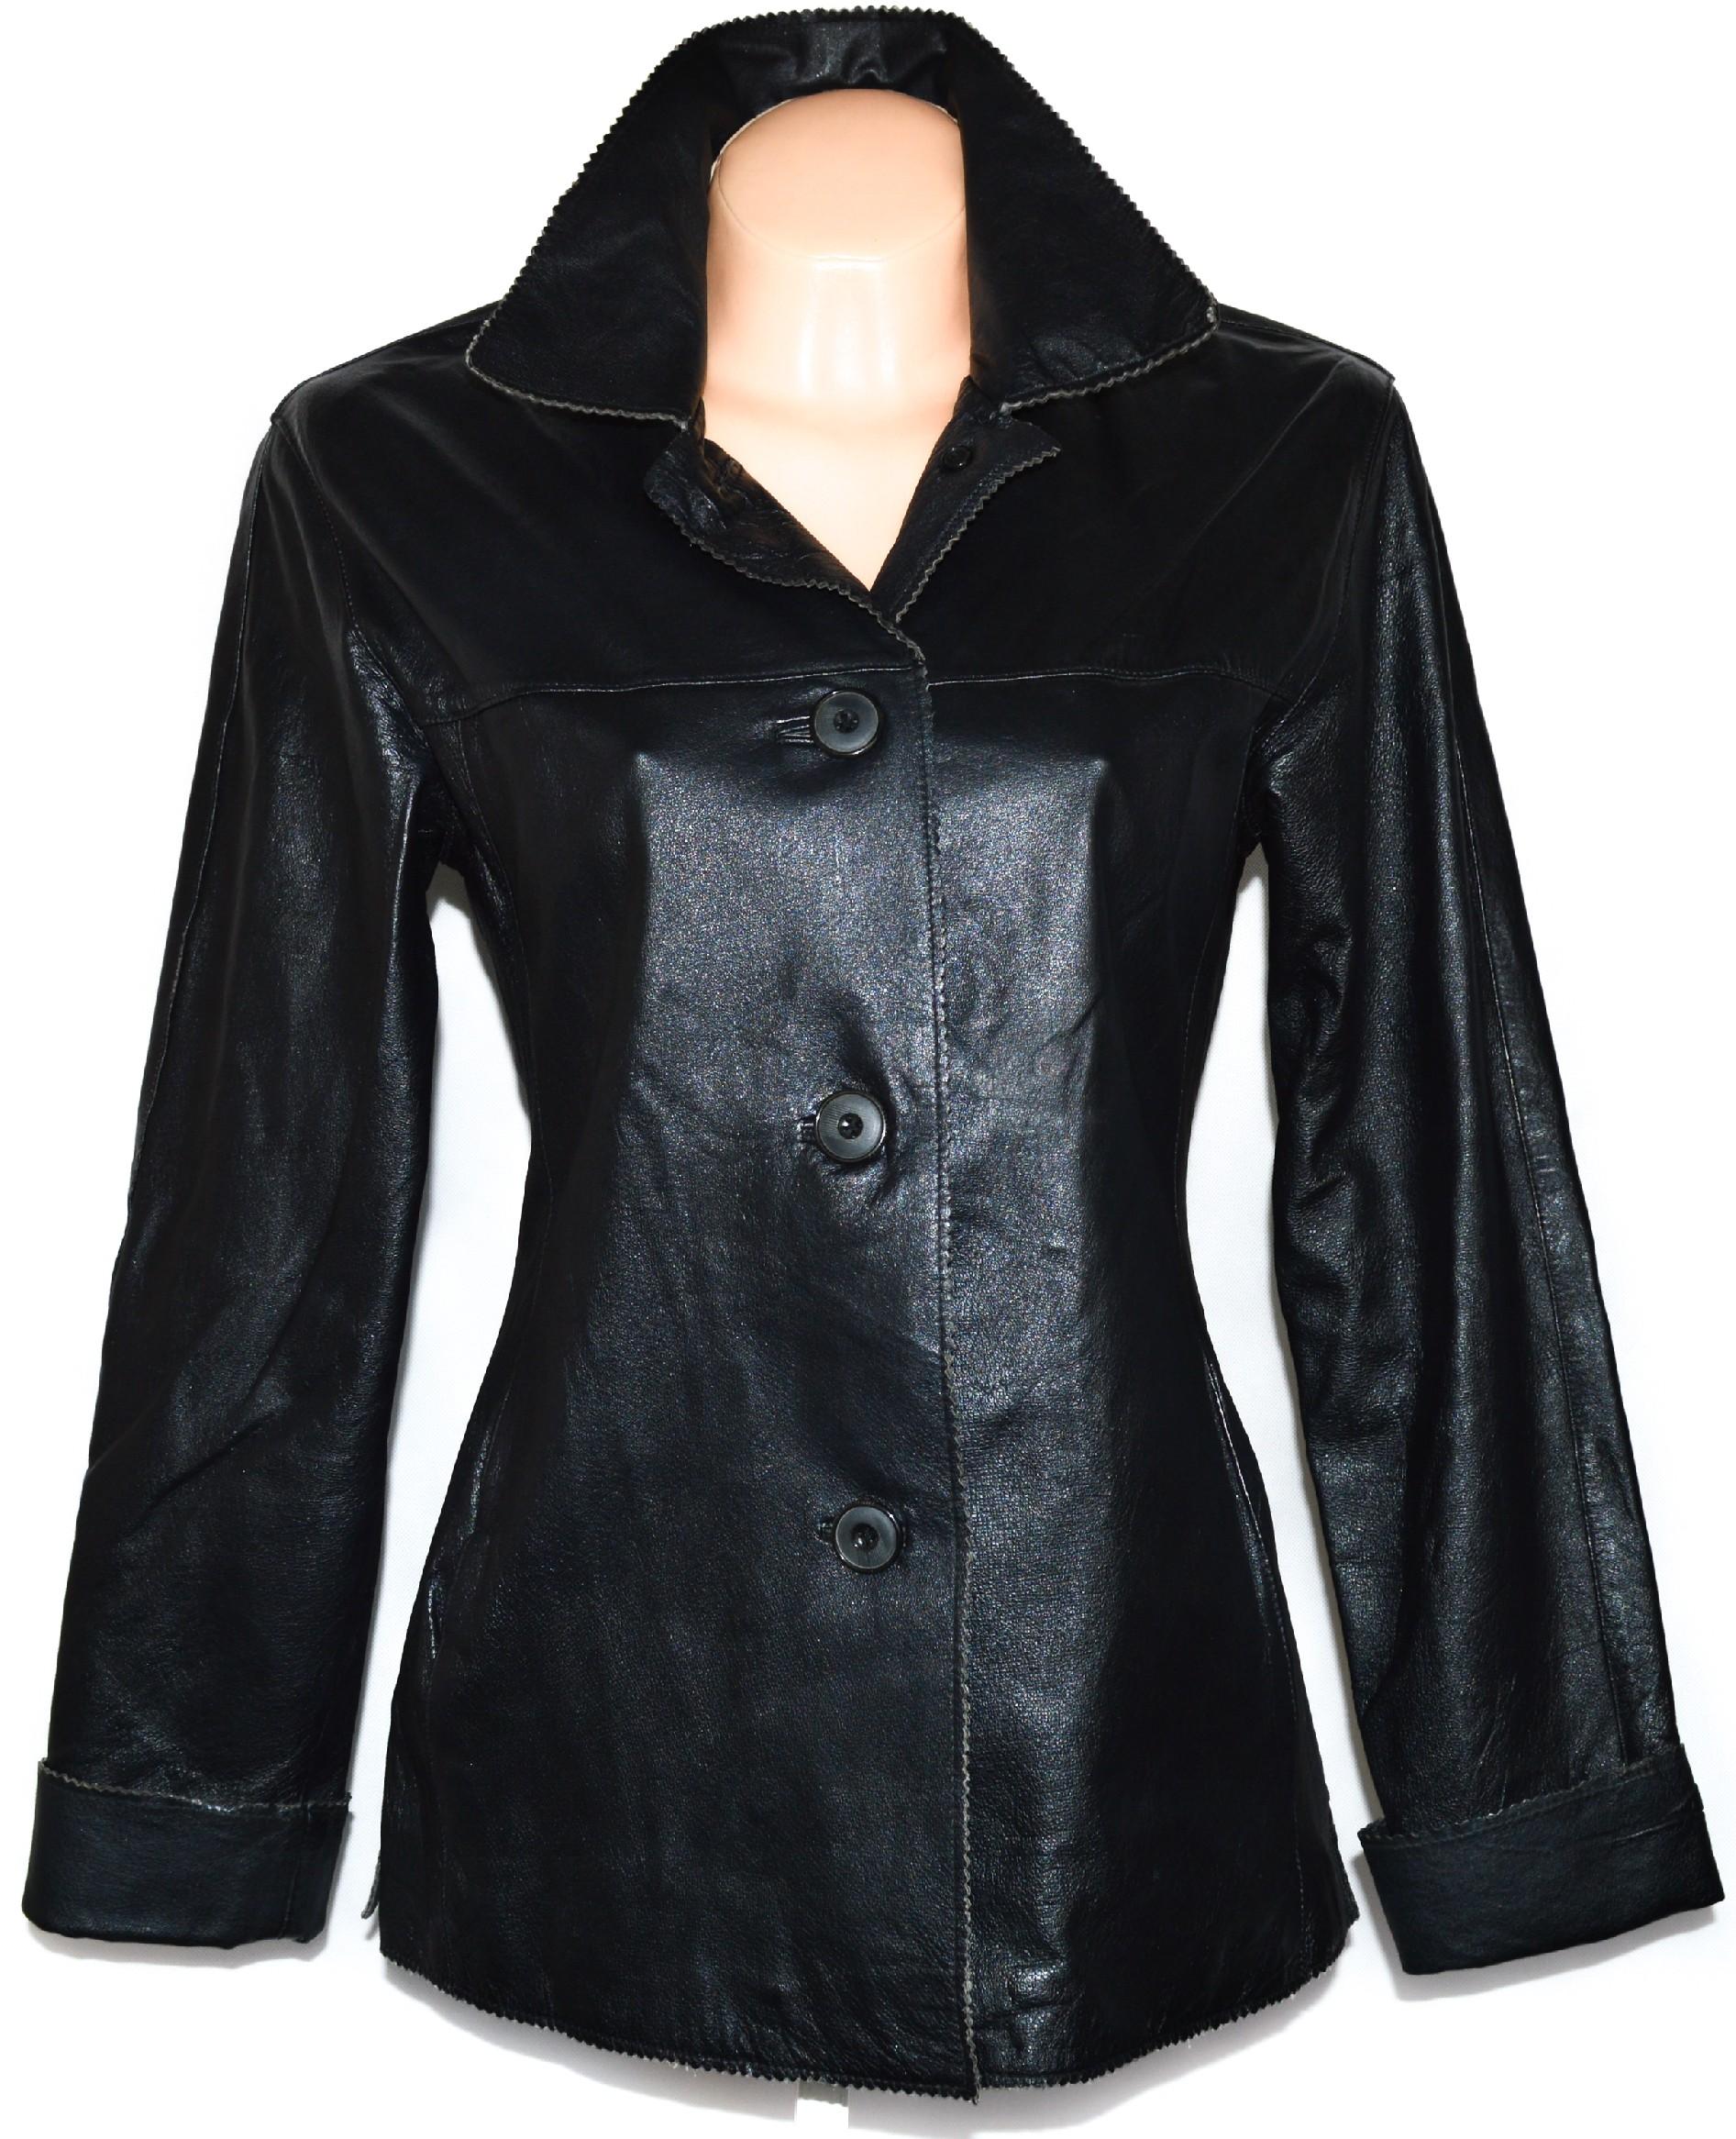 KOŽENÝ dámský měkký černý kabát 38